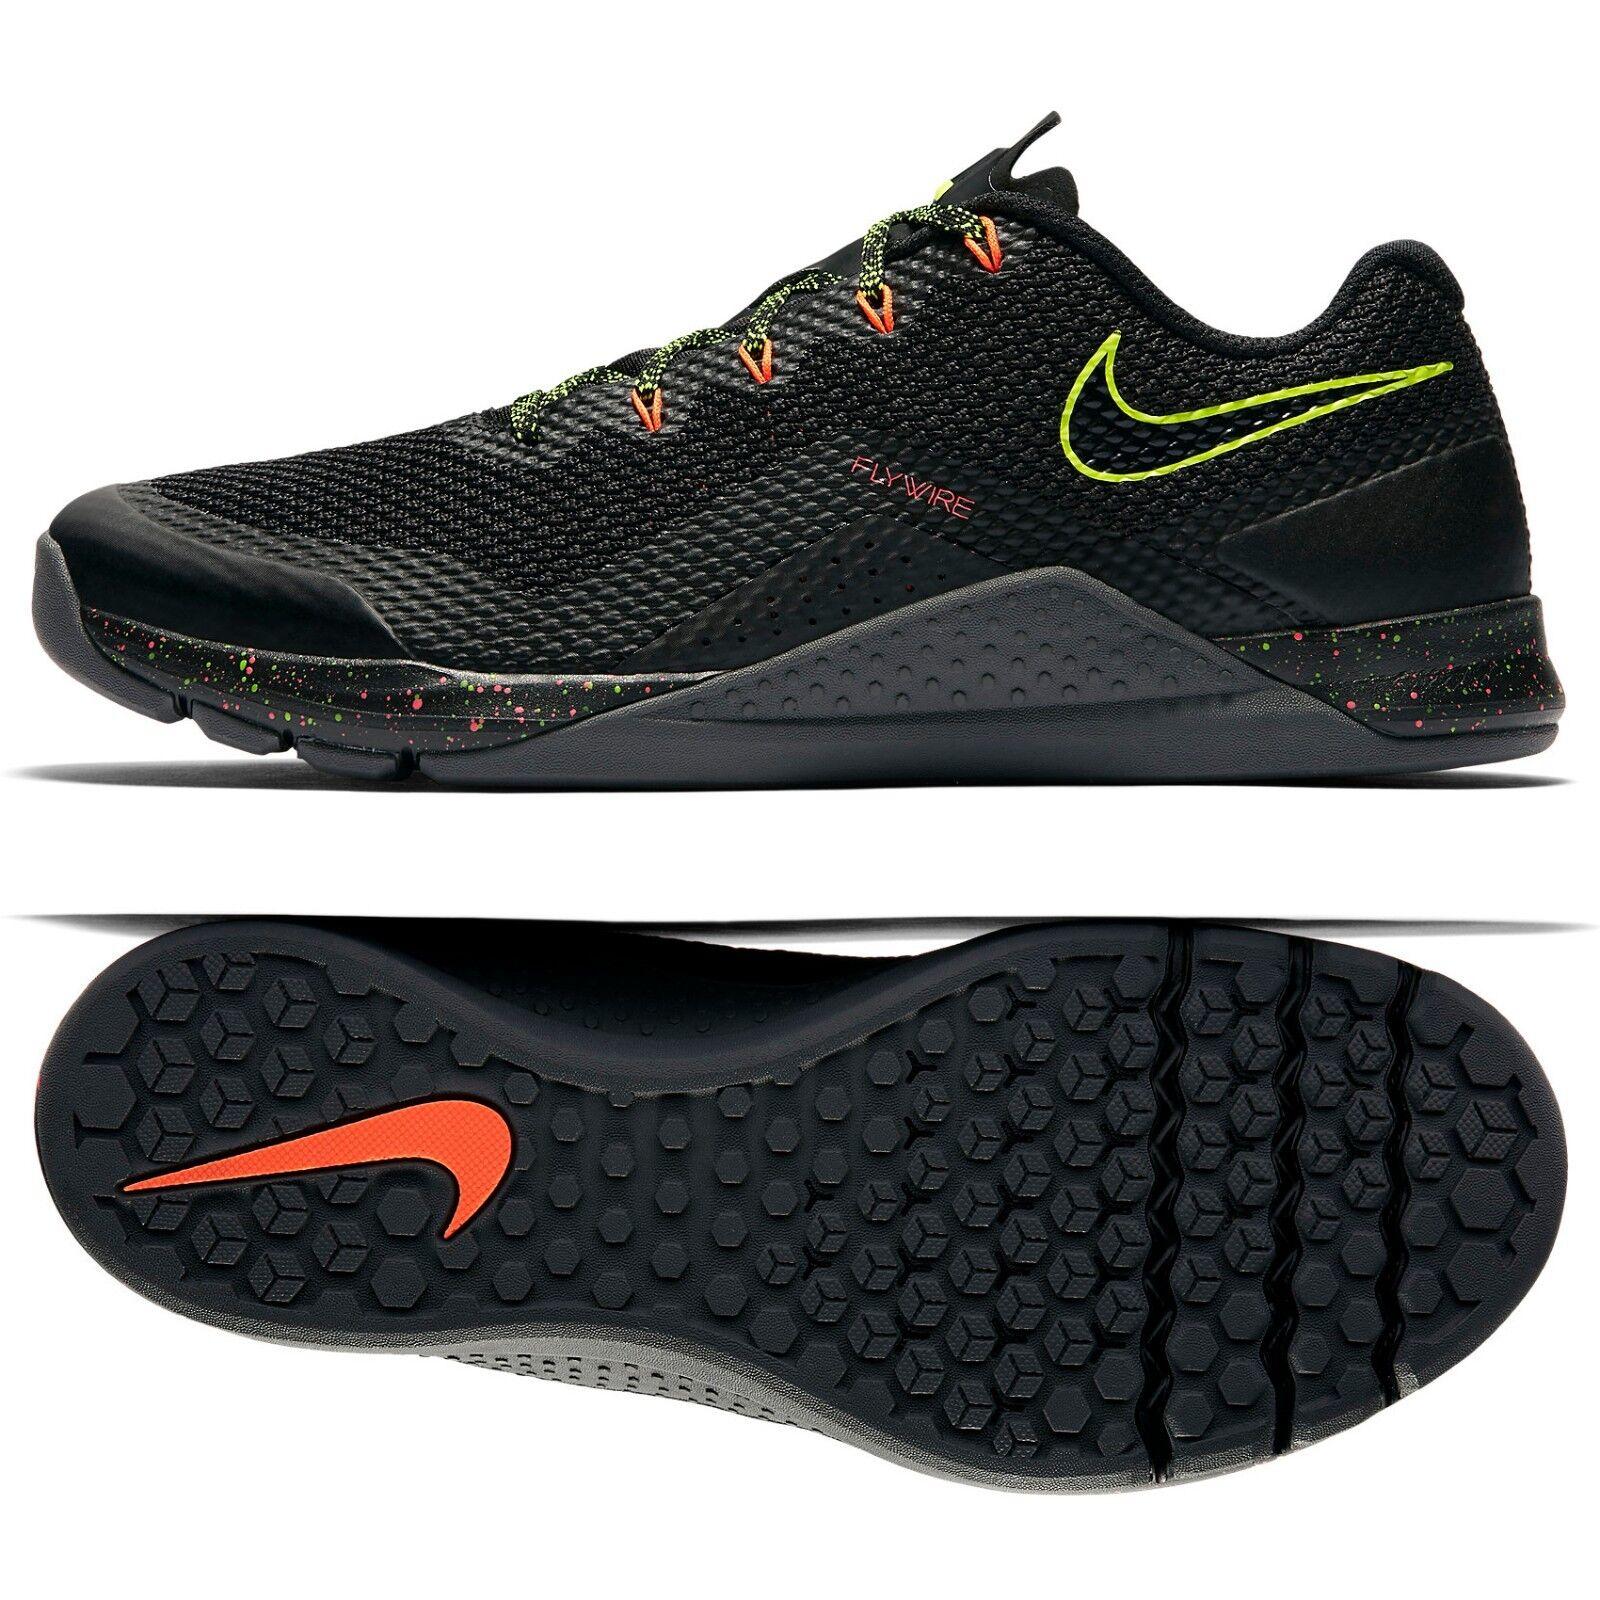 Nike metcon repper dsx 898048-007 nero / volt / crimson 10,5 uomini formazione scarpe sz 10,5 crimson 706324